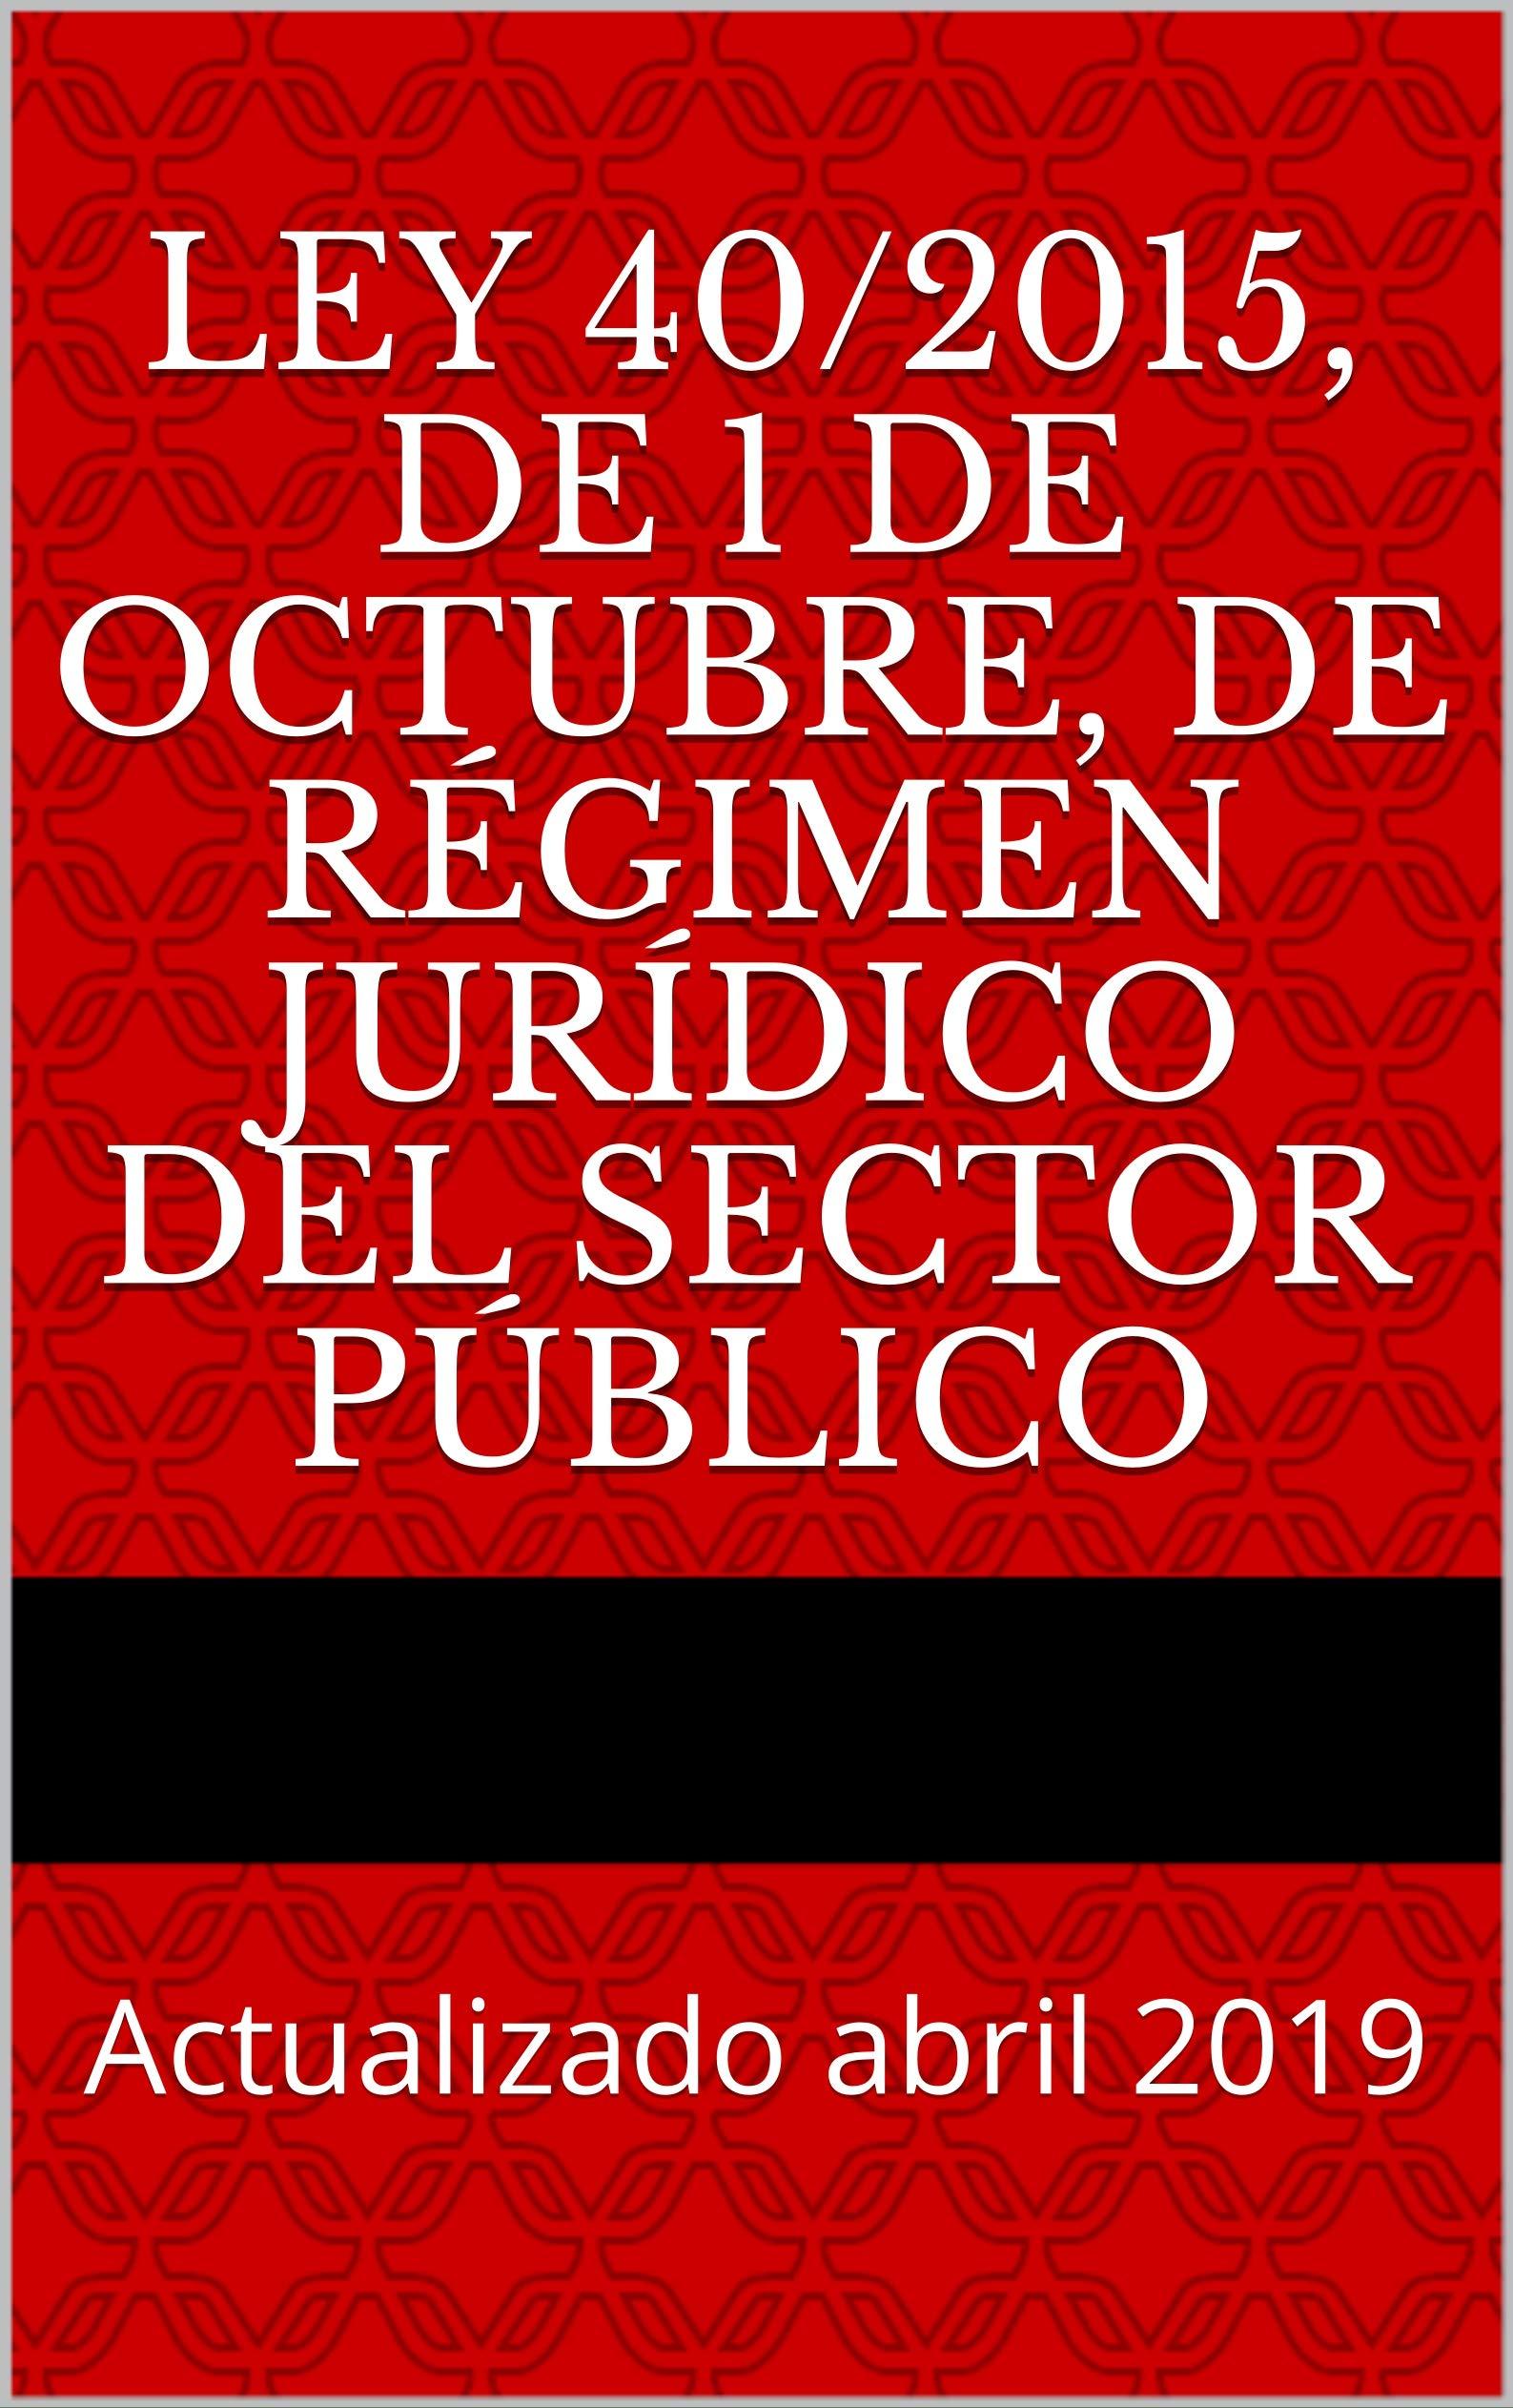 Ley 40/2015, de 1 de octubre, de Régimen Jurídico del Sector Público: Actualizado abril 2019 (Códigos Básicos nº 15)